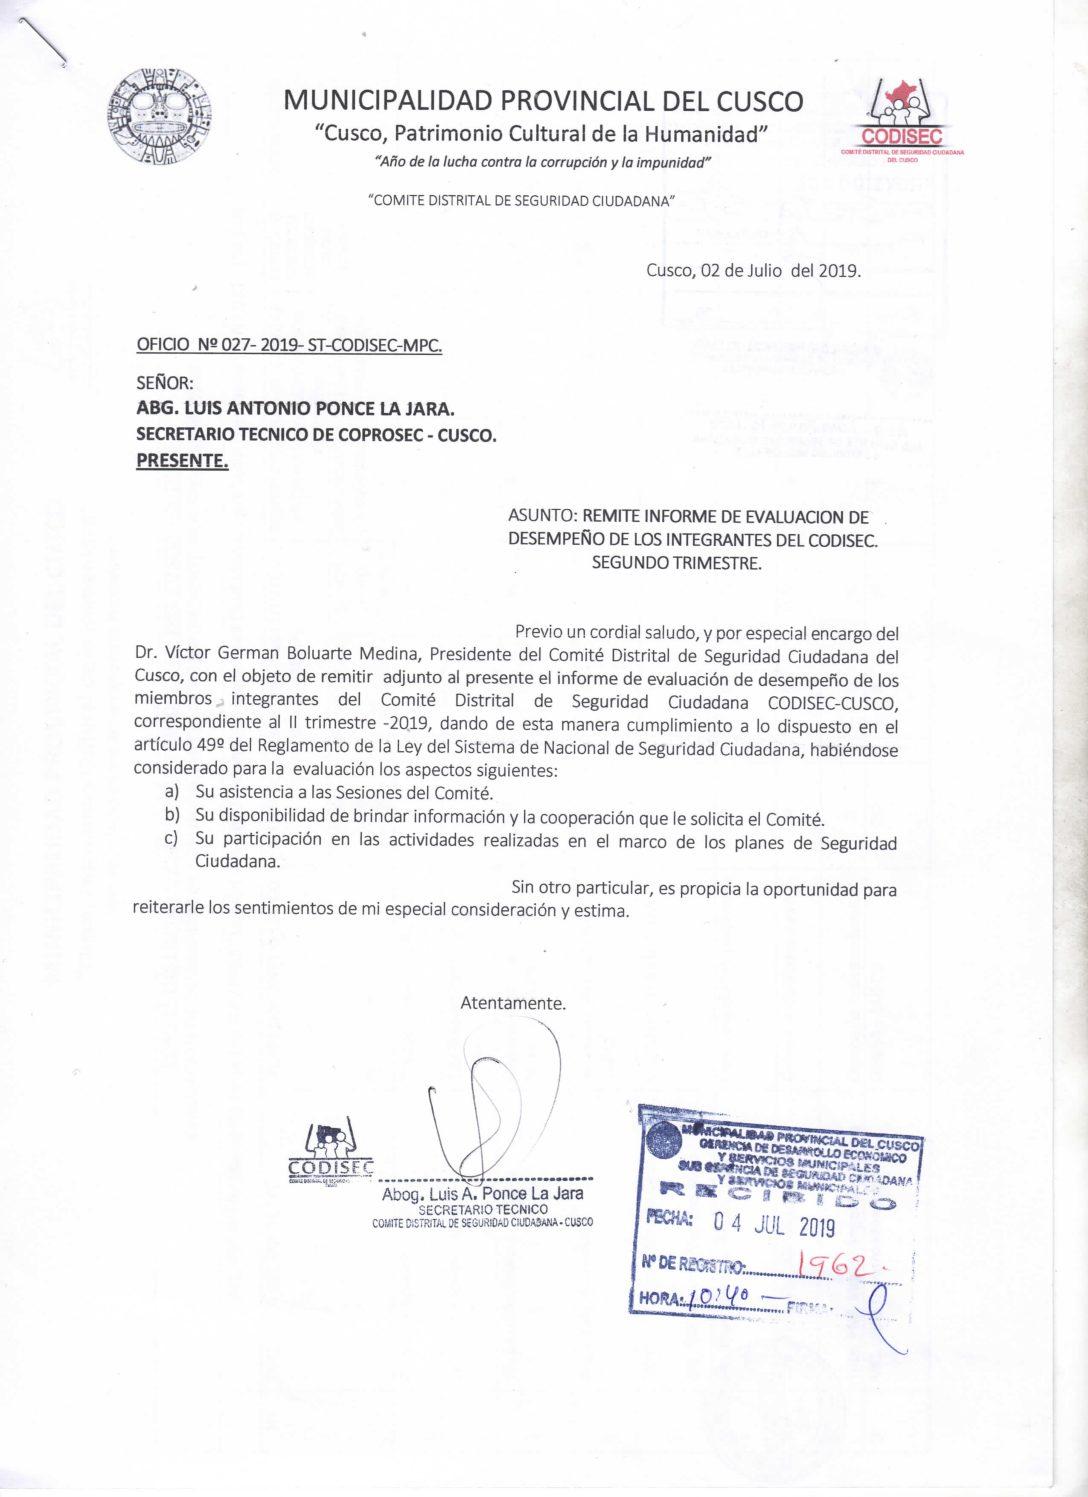 EVALUACIÓN DE DESEMPEÑO DE LOS INTEGRANTES CODISEC II TRIMESTRE 2019